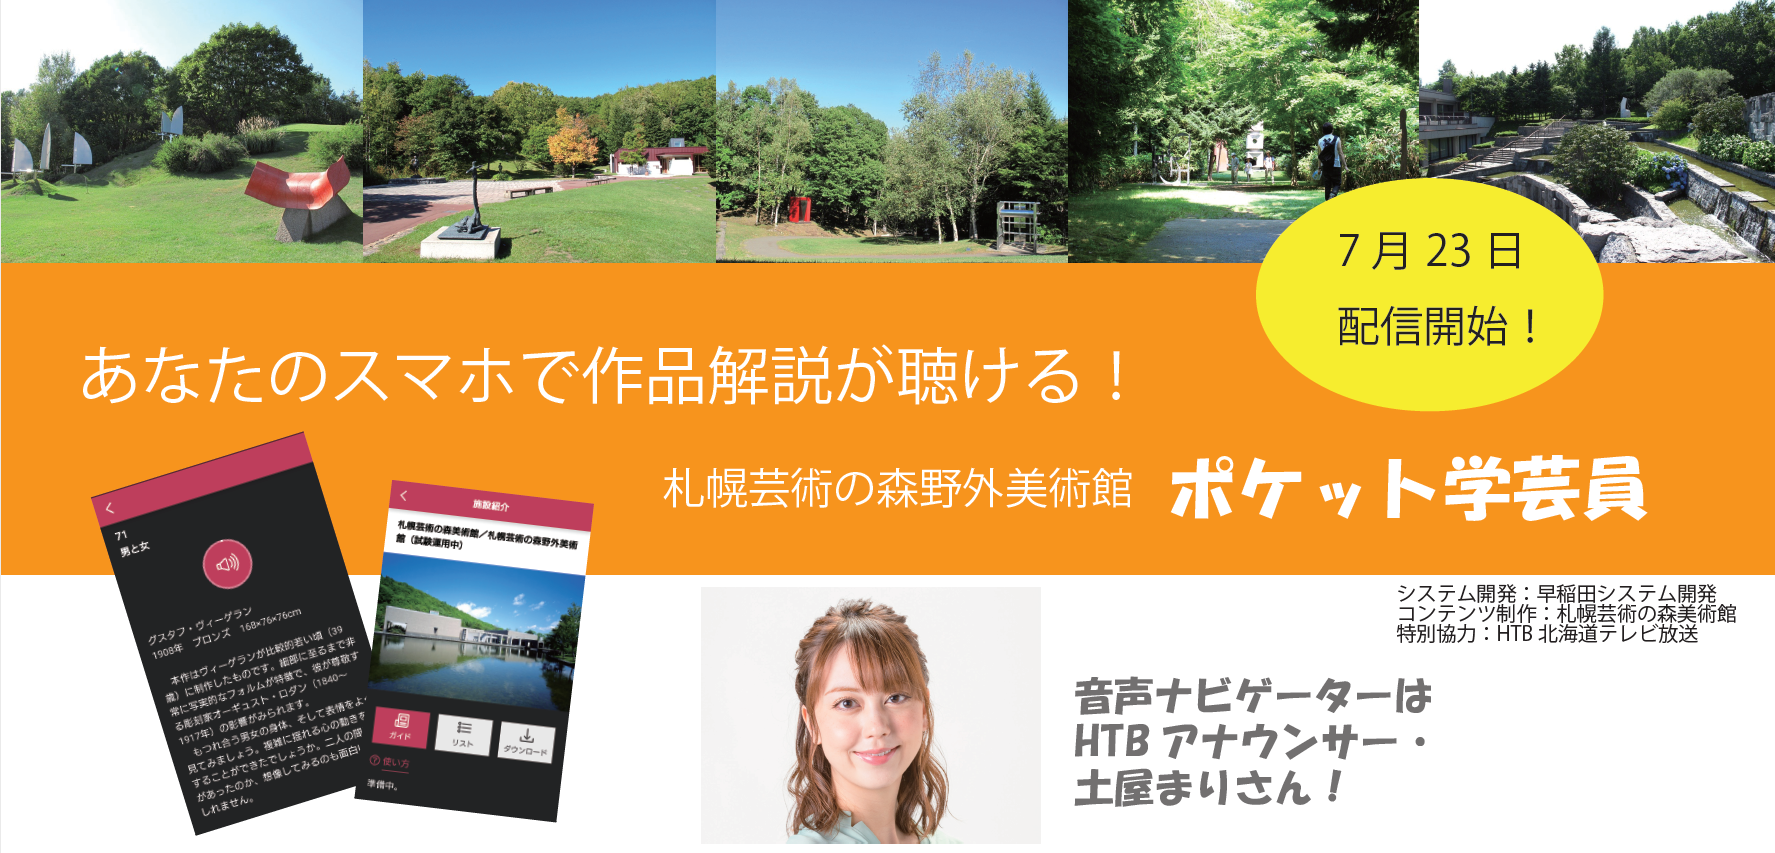 札幌芸術の森野外美術館ポケット学芸員の画像